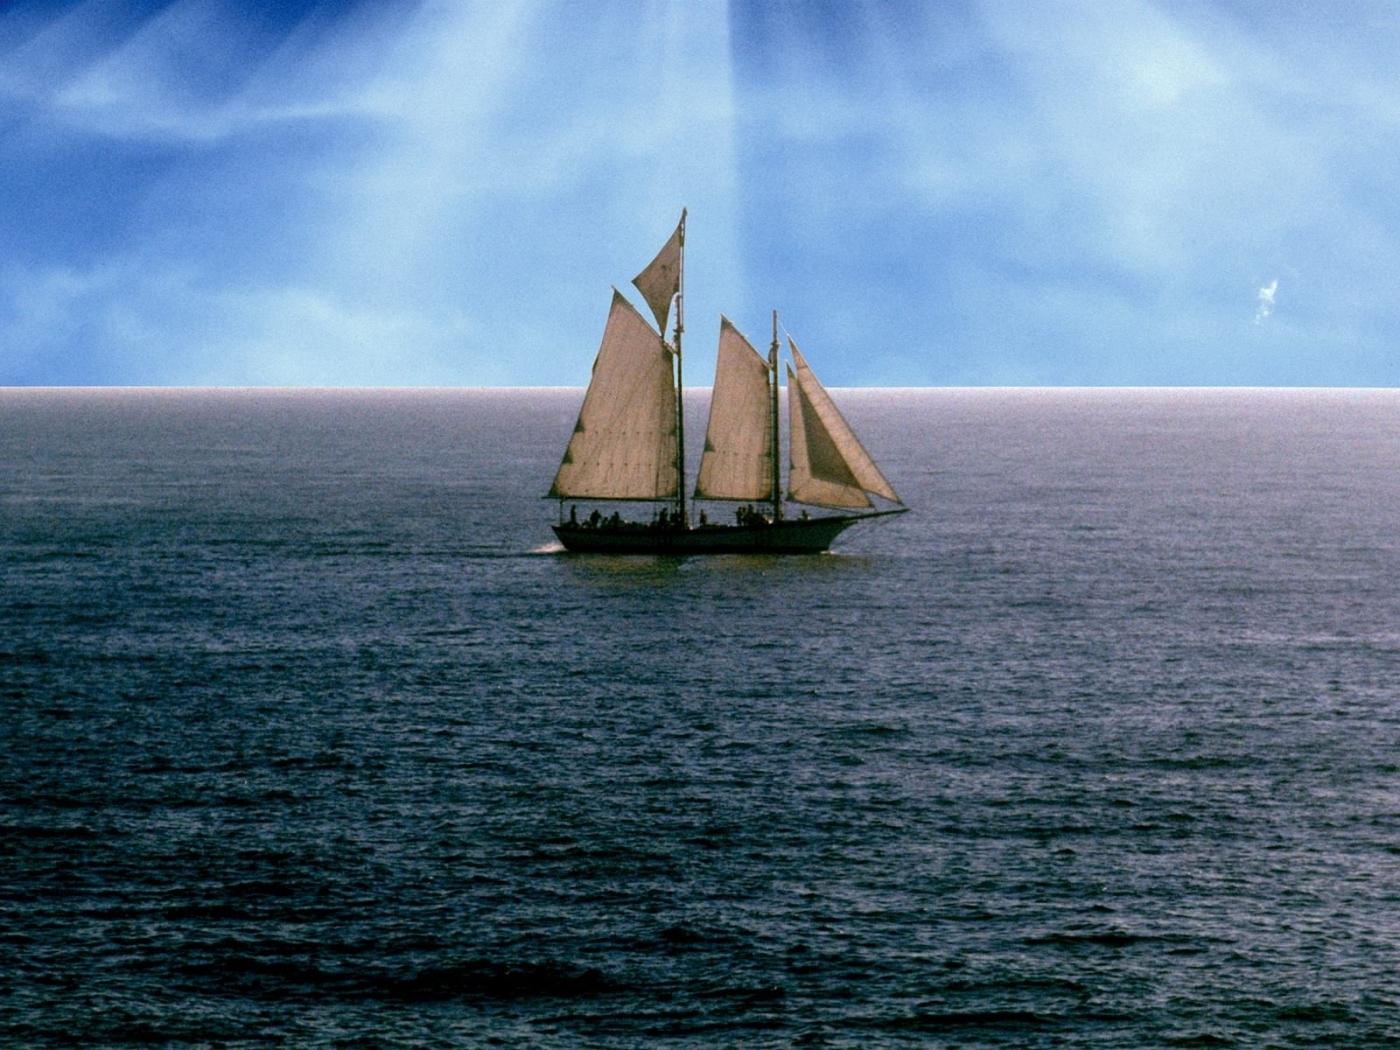 44427 скачать обои Пейзаж, Корабли, Море - заставки и картинки бесплатно